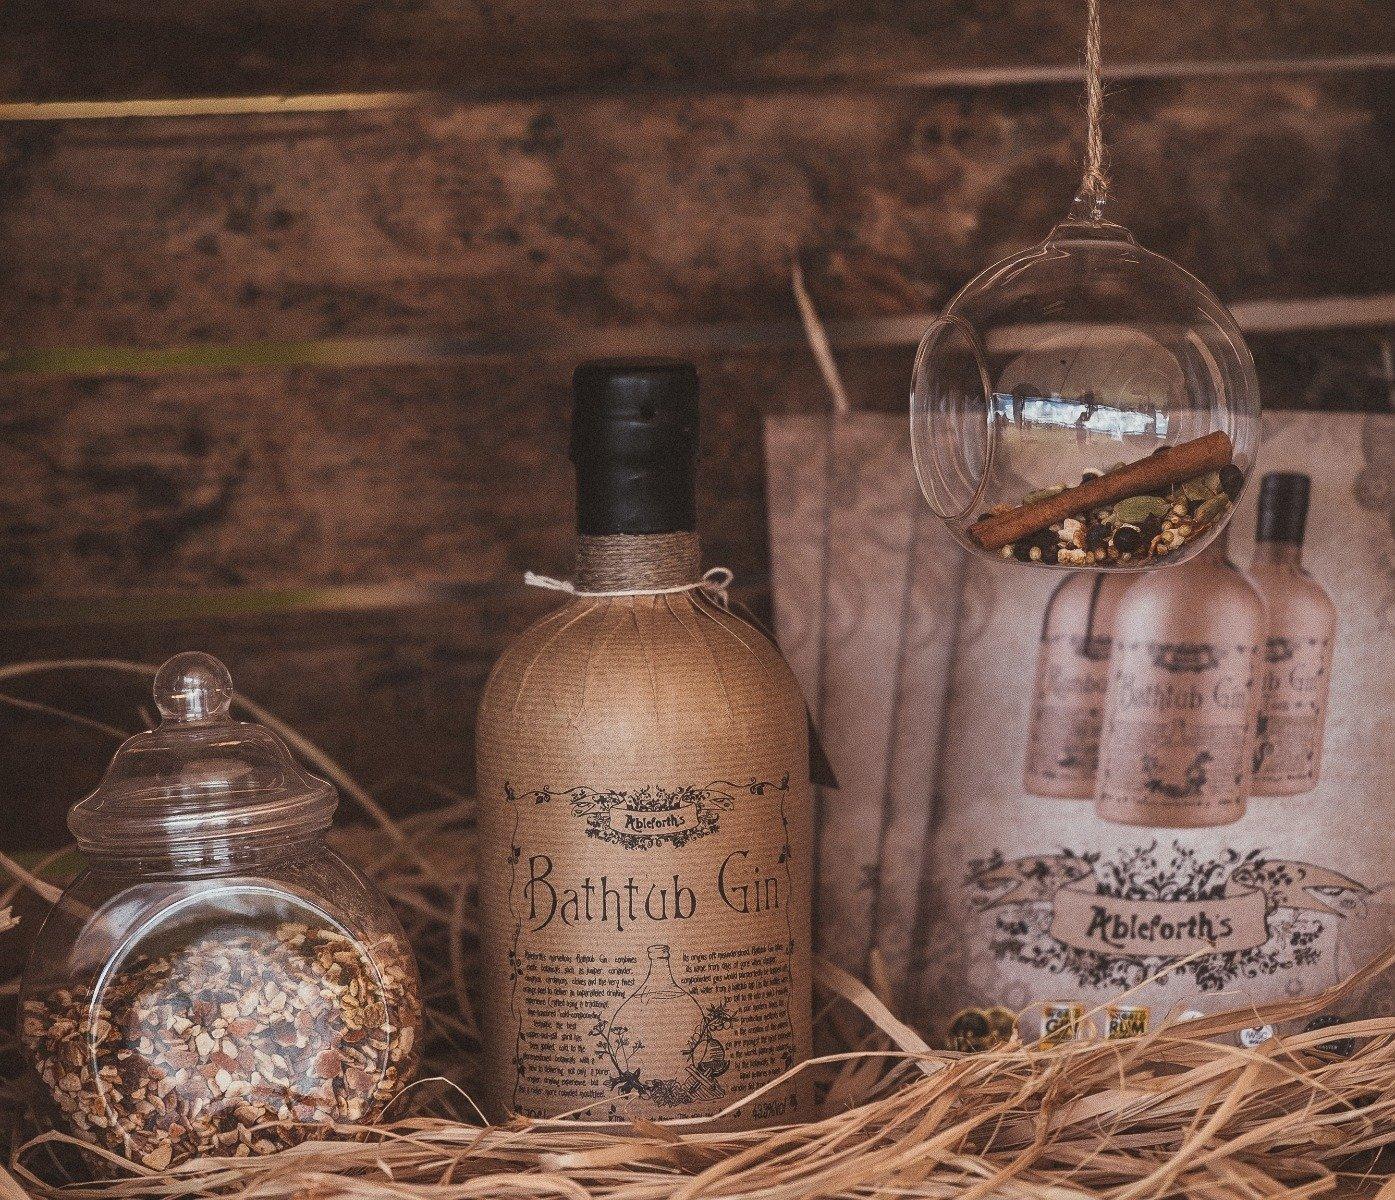 et billede med bathtub gin i en lade